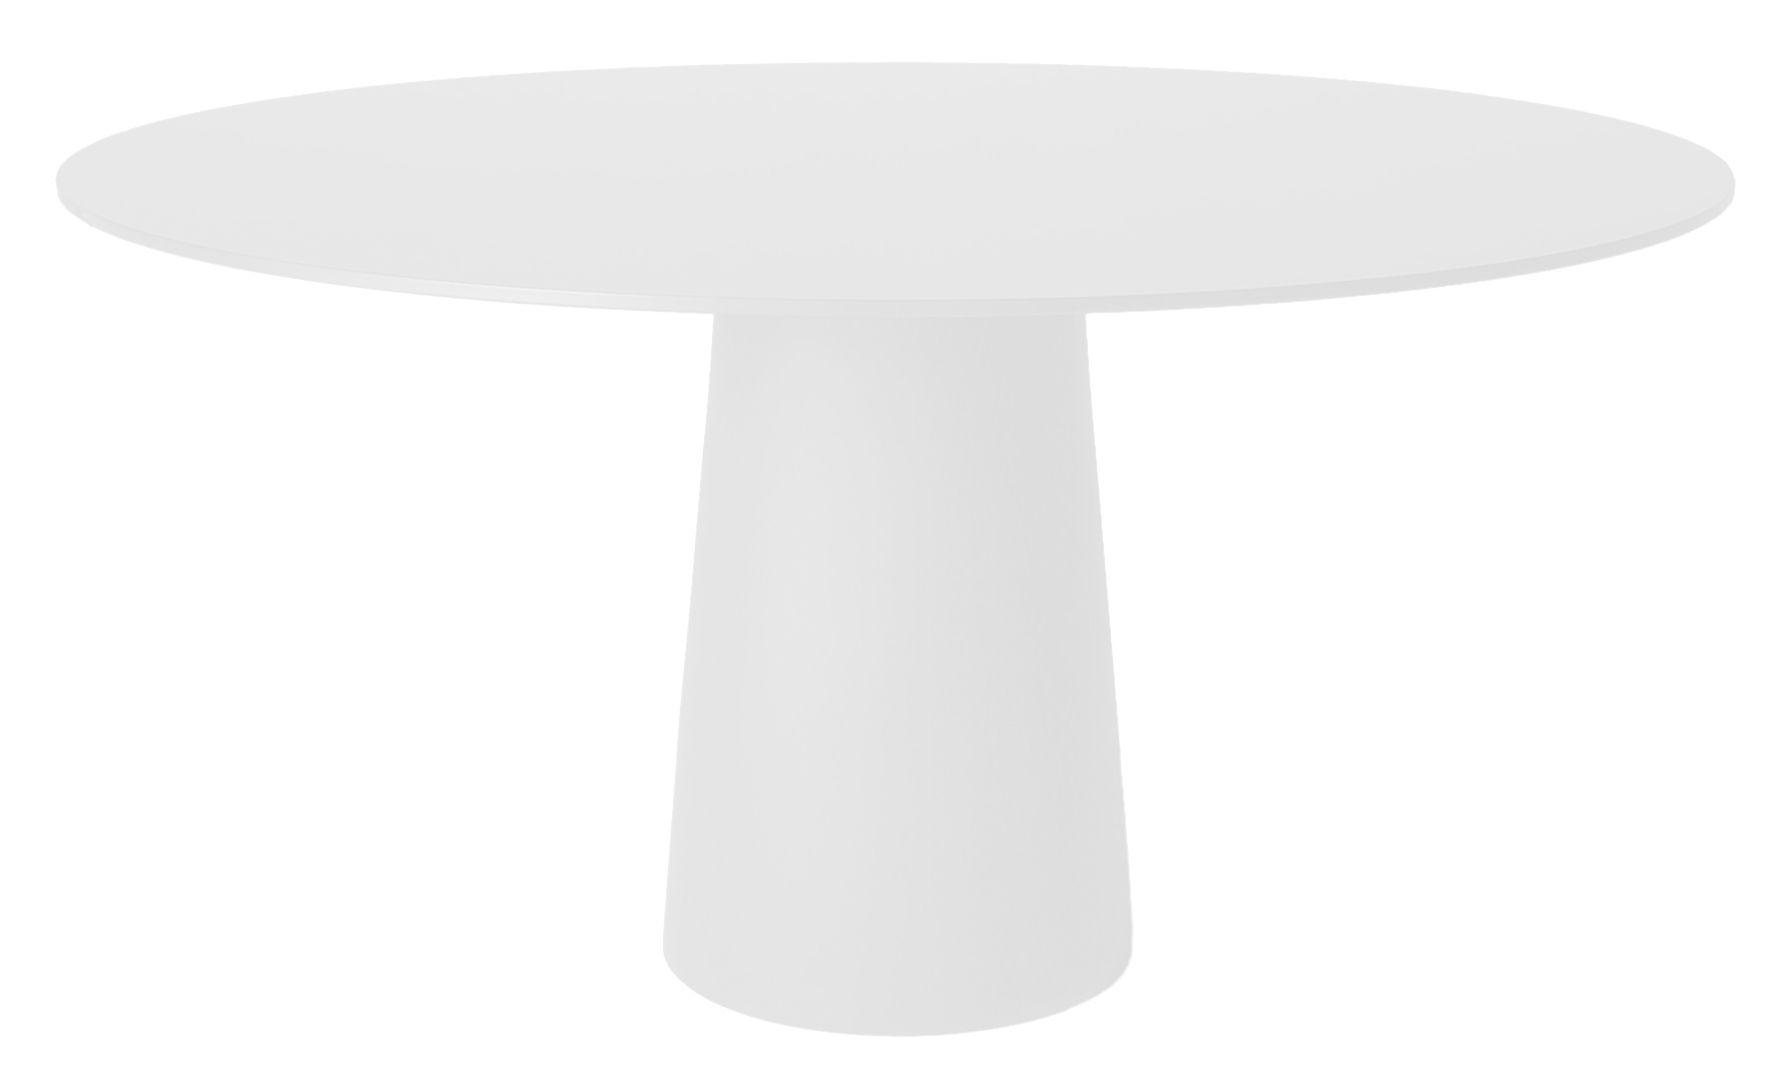 Outdoor - Tavoli  - Accessoire table / Pied pour table Container - del tavolo Container - Ø 43 cm di Moooi - Gamba colore bianco Ø 43 cm - Polipropilene